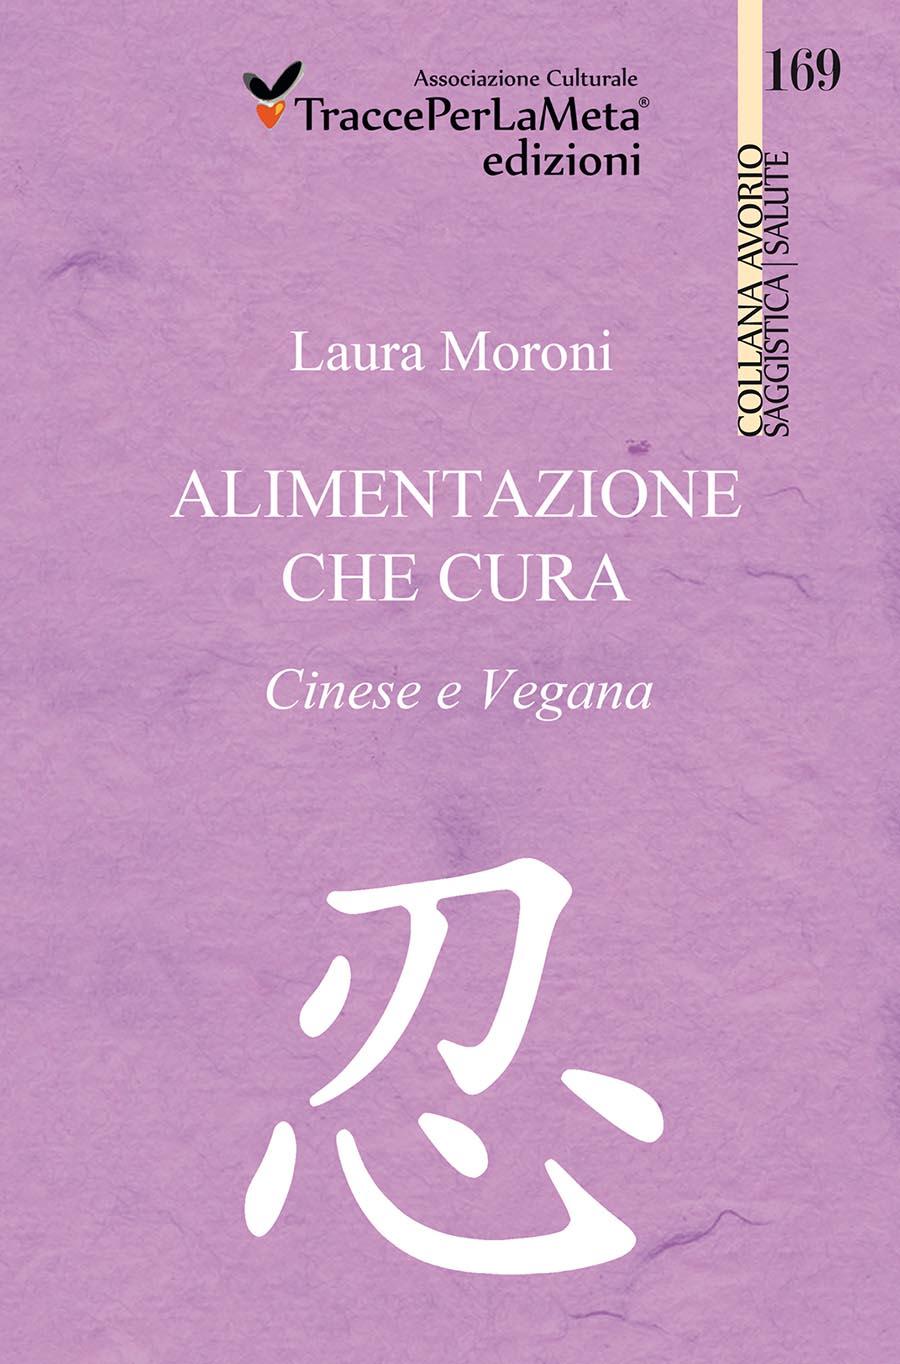 """Esce l'ebook """"Alimentazione che cura. Cinese e Vegana"""" della dr.ssa Laura Moroni; un prezioso vademecum di terapia alimentare"""